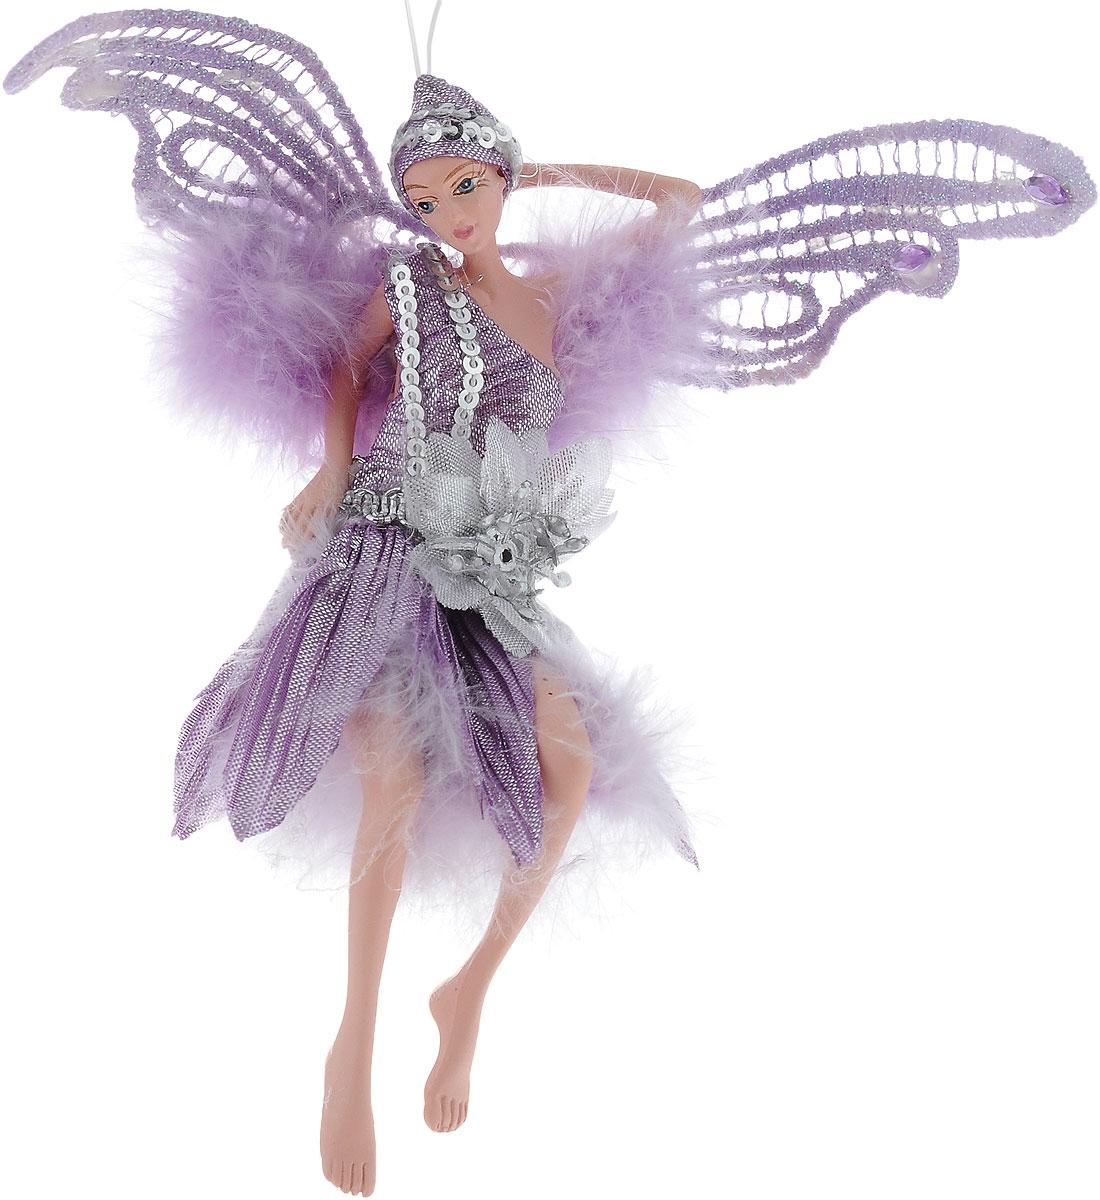 Украшение декоративное подвесное Winter Wings Фея, высота 15 смN181722Новогоднее подвесное украшение Winter Wings Фея выполнено из полирезины в виде очаровательной феи с крыльями. Изделие оформлено перьями и блестками. С помощью специальной петельки украшение можно повесить в любом понравившемся вам месте. Но, конечно, удачнее всего оно будет смотреться на праздничной елке. Елочная игрушка - символ Нового года. Она несет в себе волшебство и красоту праздника. Создайте в своем доме атмосферу веселья и радости, украшая новогоднюю елку нарядными игрушками, которые будут из года в год накапливать теплоту воспоминаний. Размер: 12 х 7 см. Высота: 15 см.